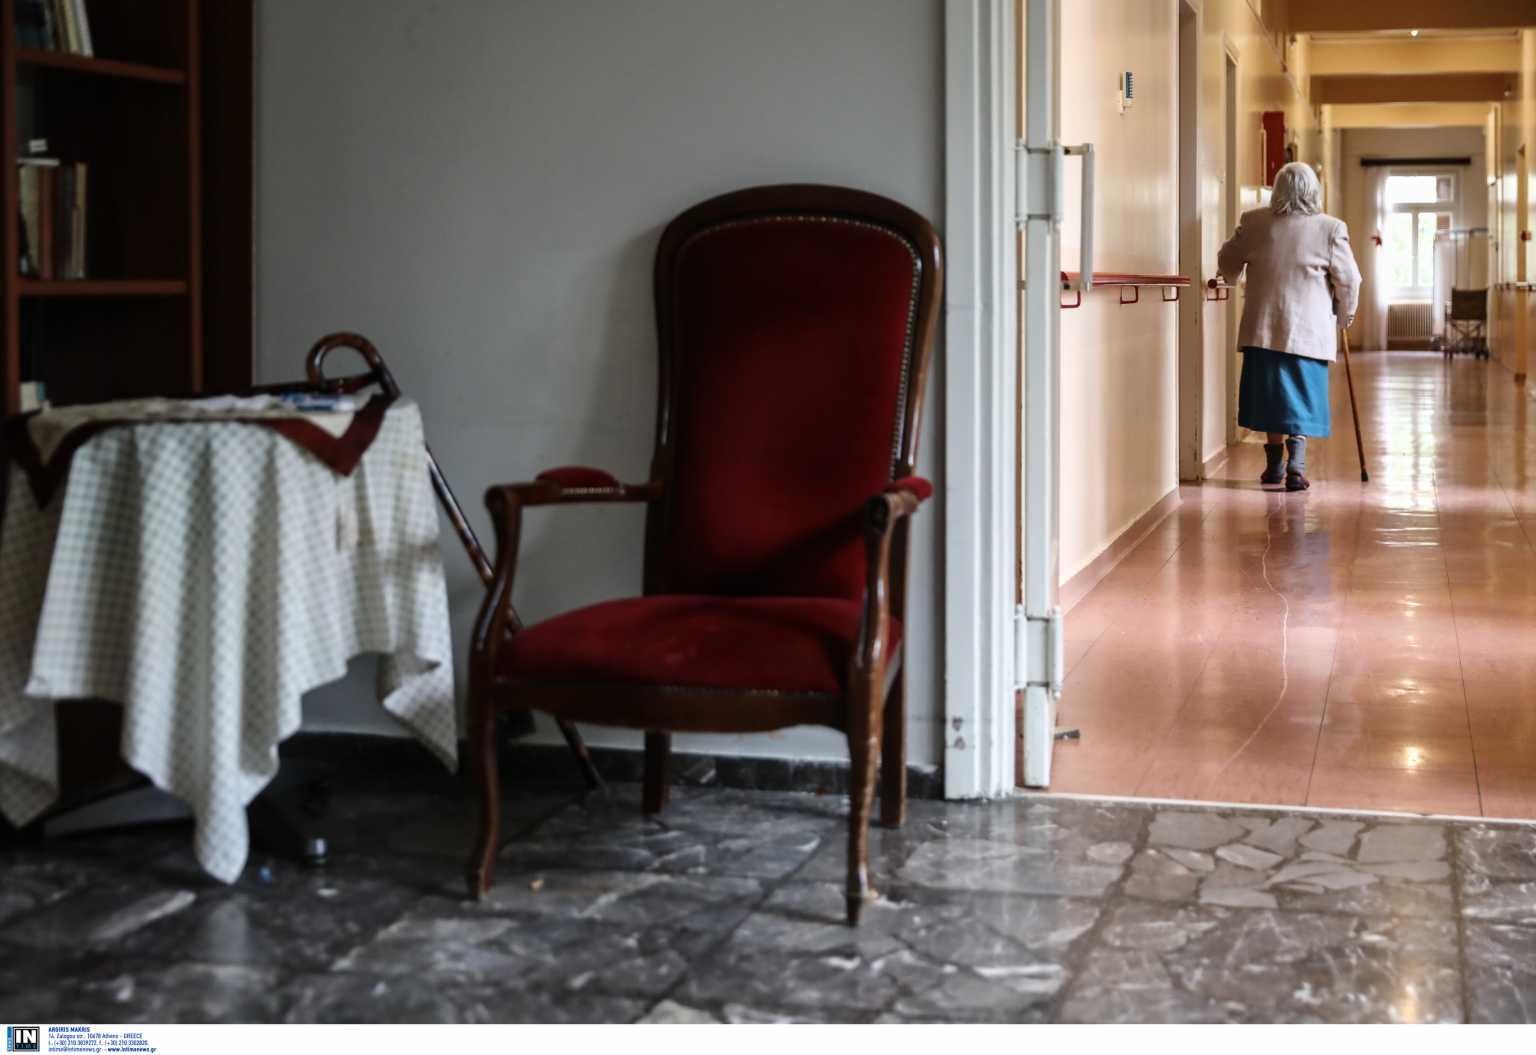 Χανιά: Καταγγελίες για βασανισμούς ηλικιωμένων στο Γηροκομείο με τους 68 νεκρούς